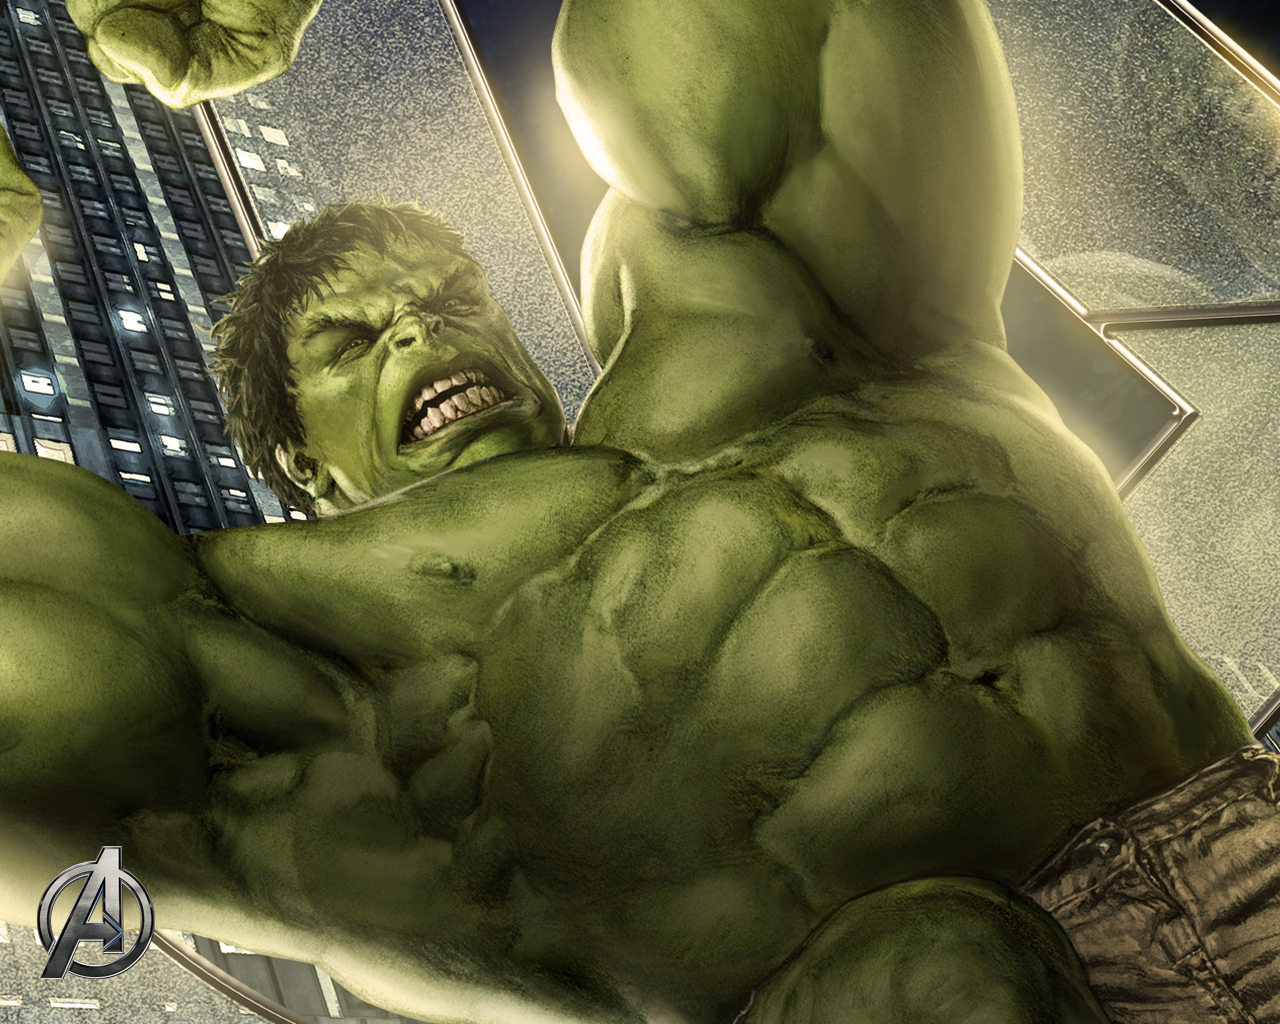 The Incredible Hulk Av...